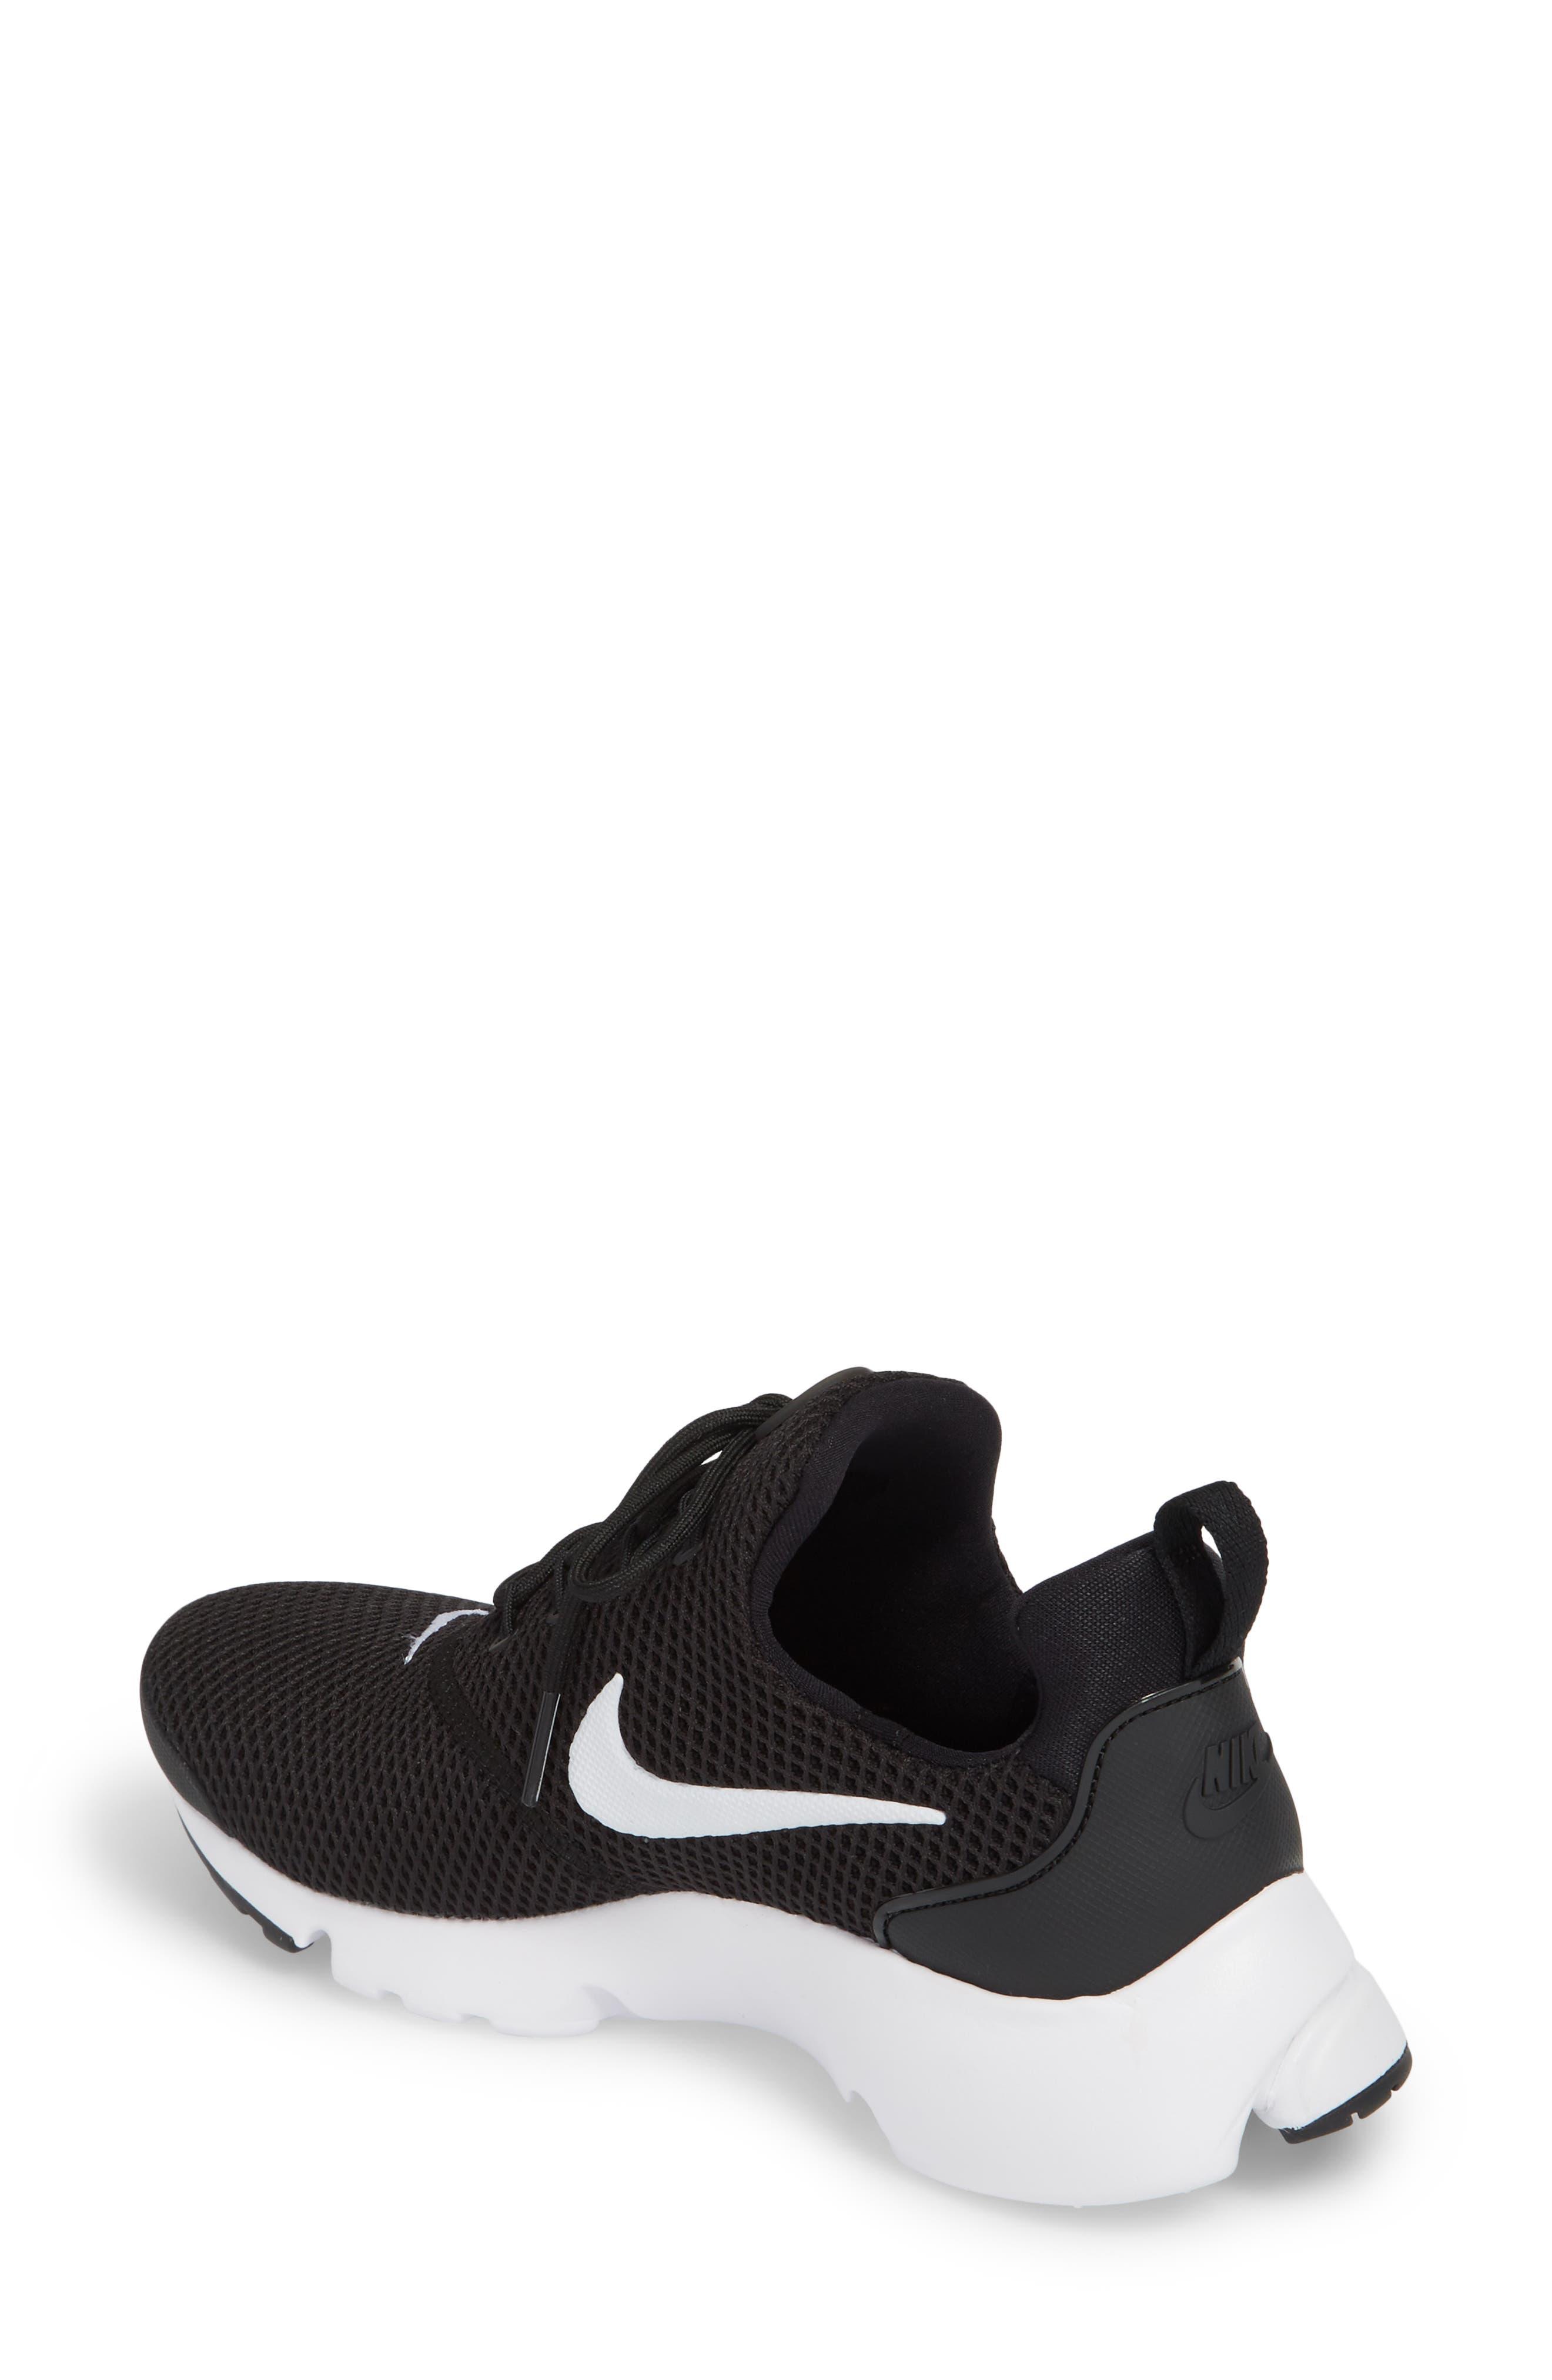 Presto Fly Sneaker,                             Alternate thumbnail 2, color,                             Black/ White/ White